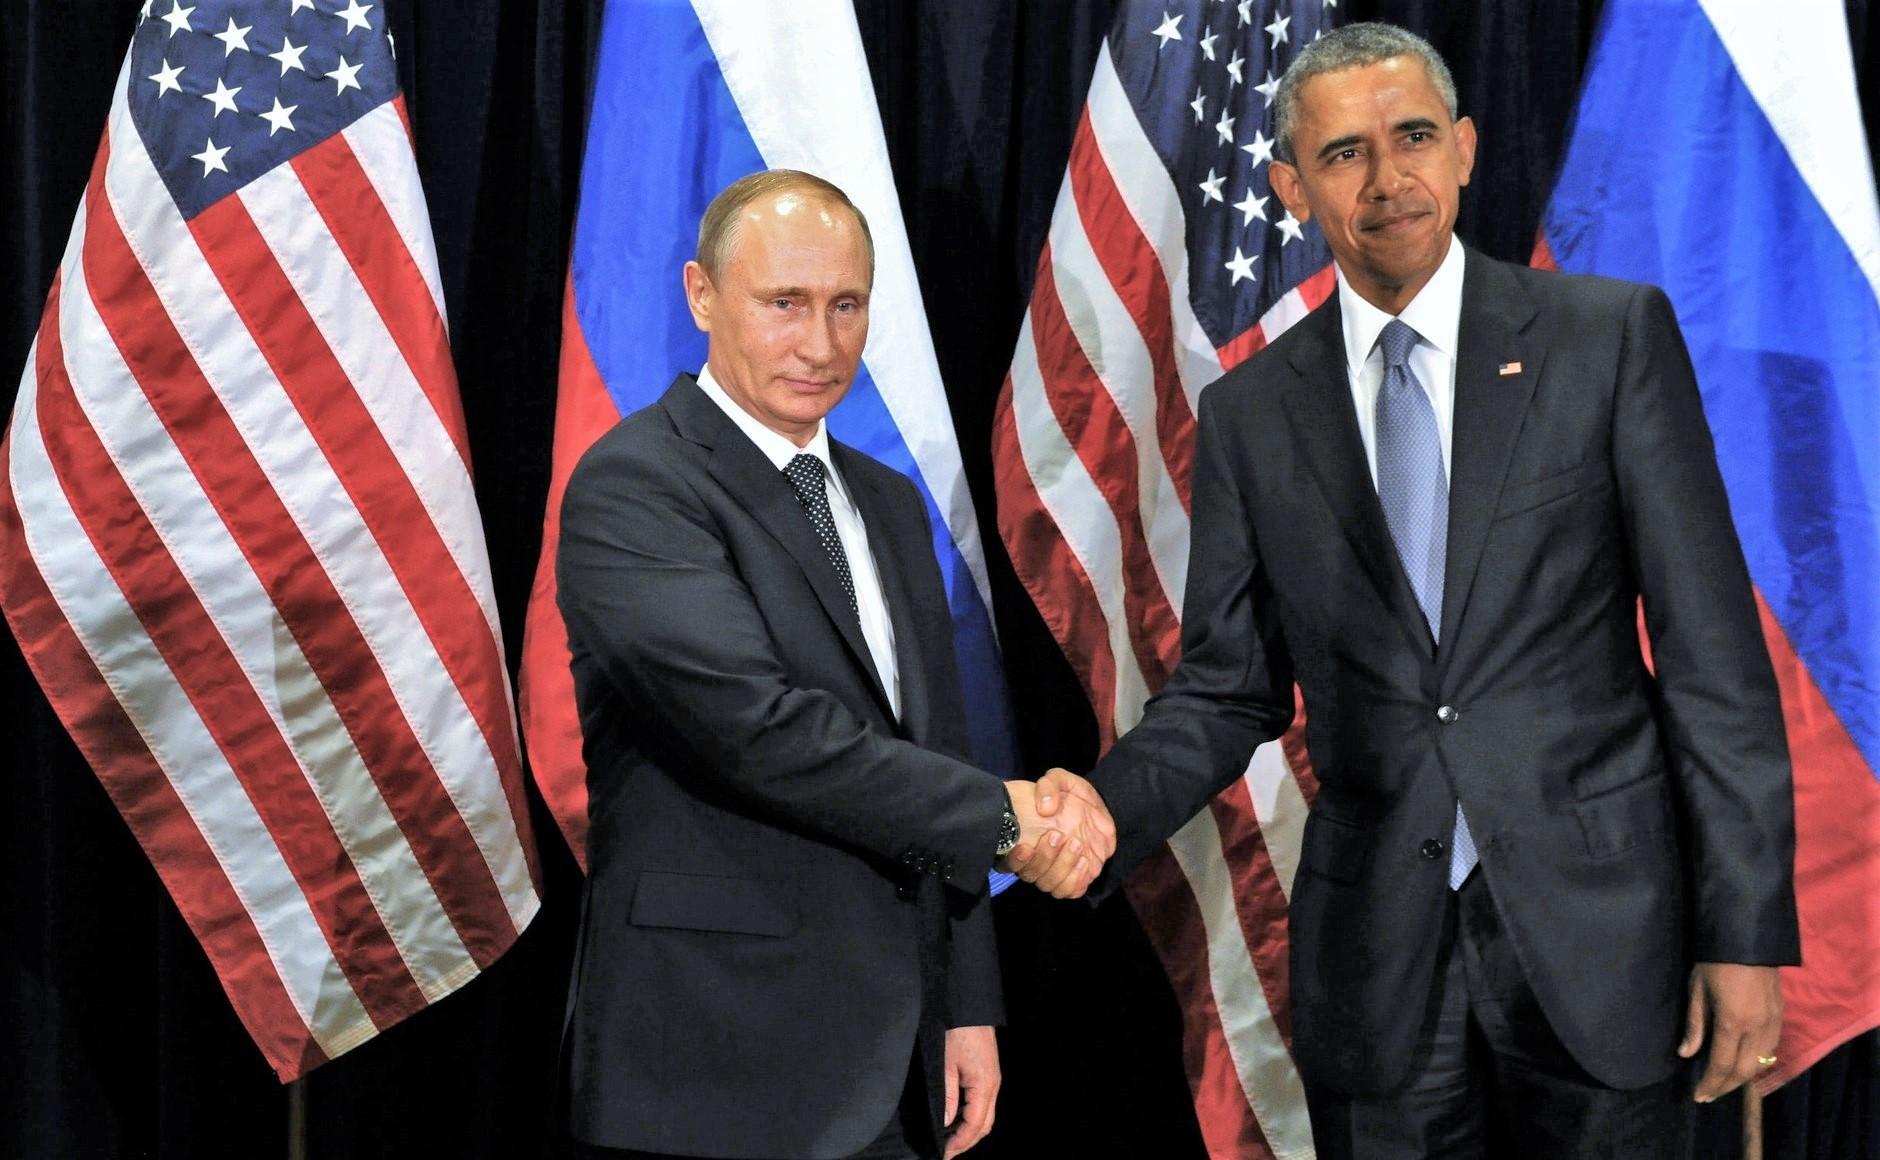 Putin und Obama beim Shakehands